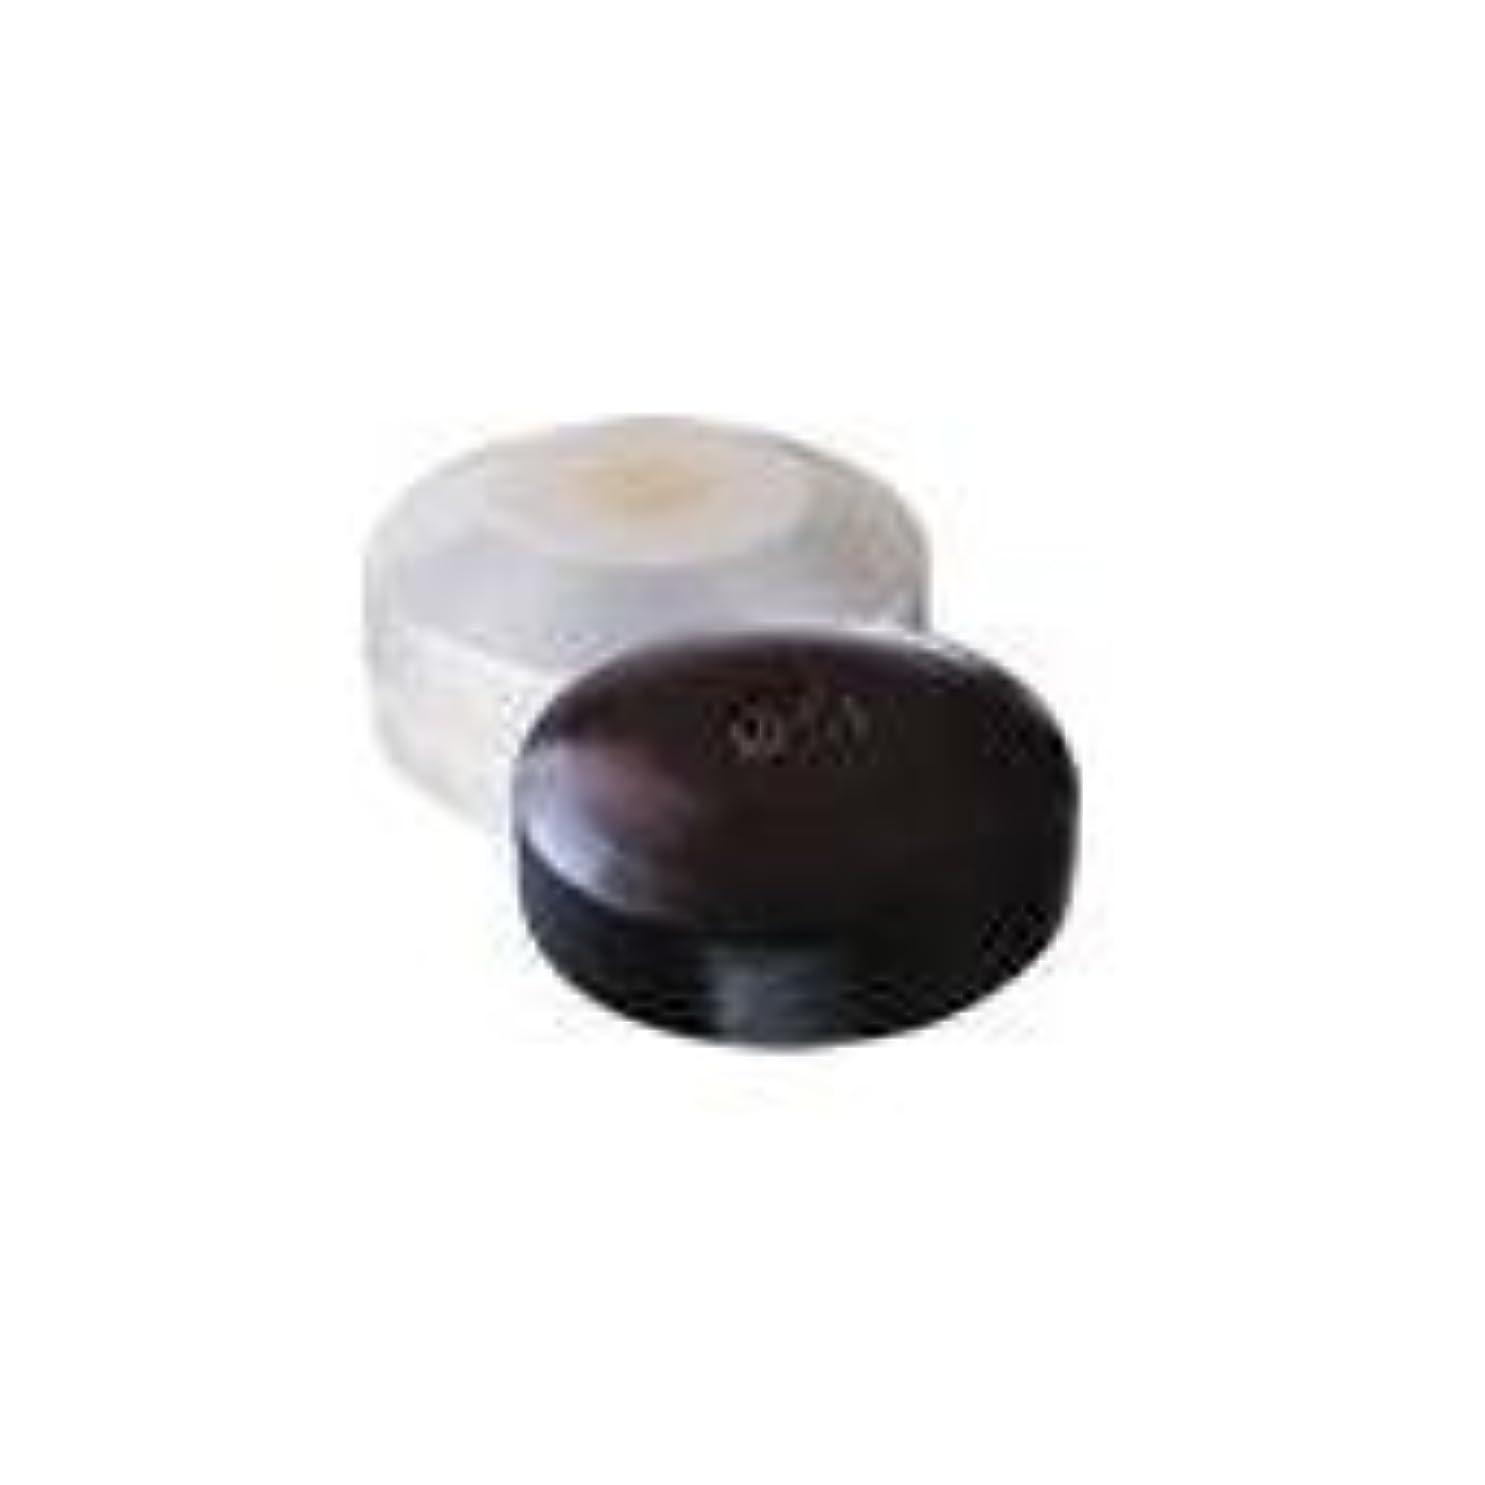 ポット真珠のような差し迫ったマミヤン アロエ エクセルソープ 120g(ケースなし)<石鹸>